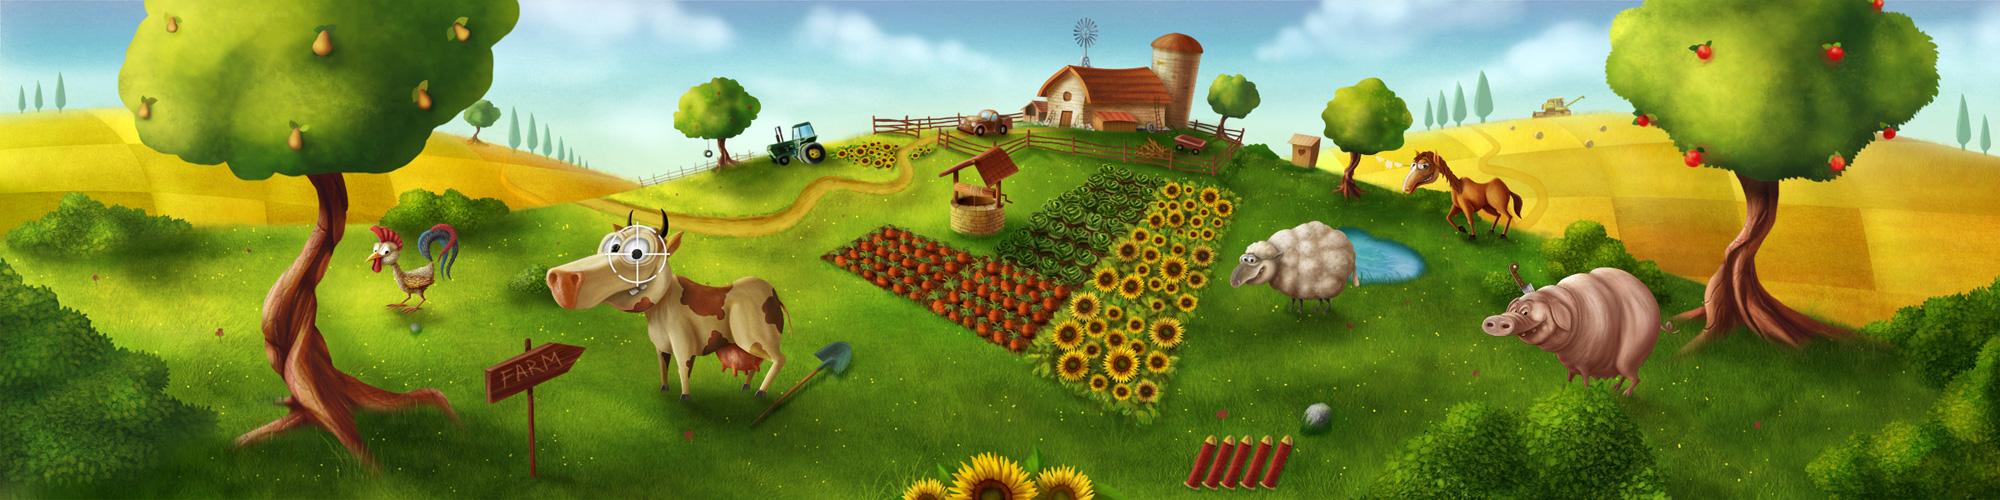 Farm destroy 2000